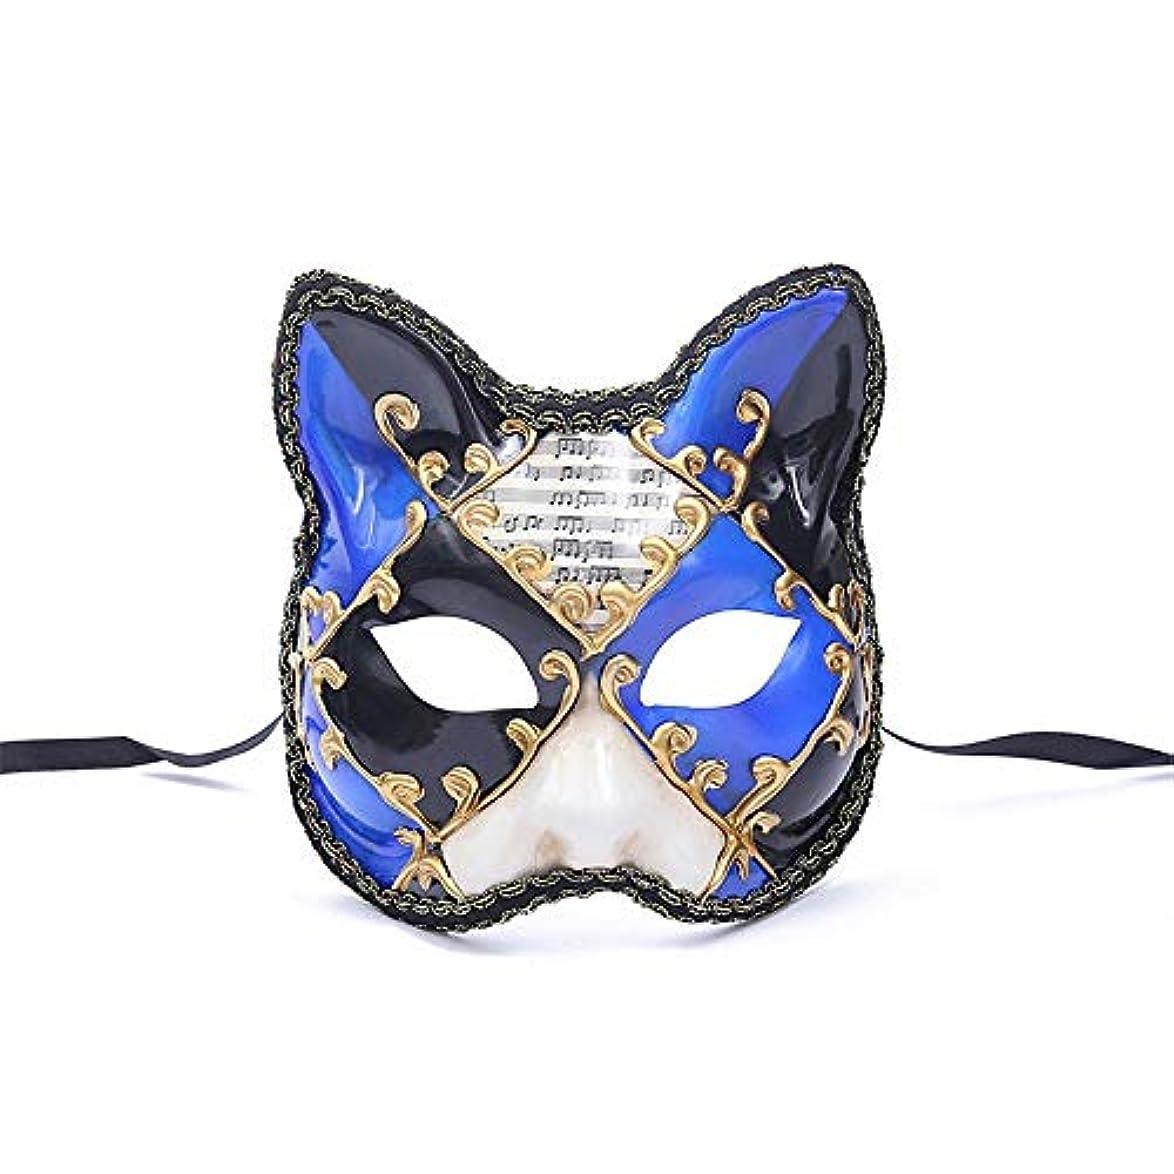 温室アイザックペースダンスマスク 大きな猫アンティーク動物レトロコスプレハロウィーン仮装マスクナイトクラブマスク雰囲気フェスティバルマスク ホリデーパーティー用品 (色 : 青, サイズ : 17.5x16cm)